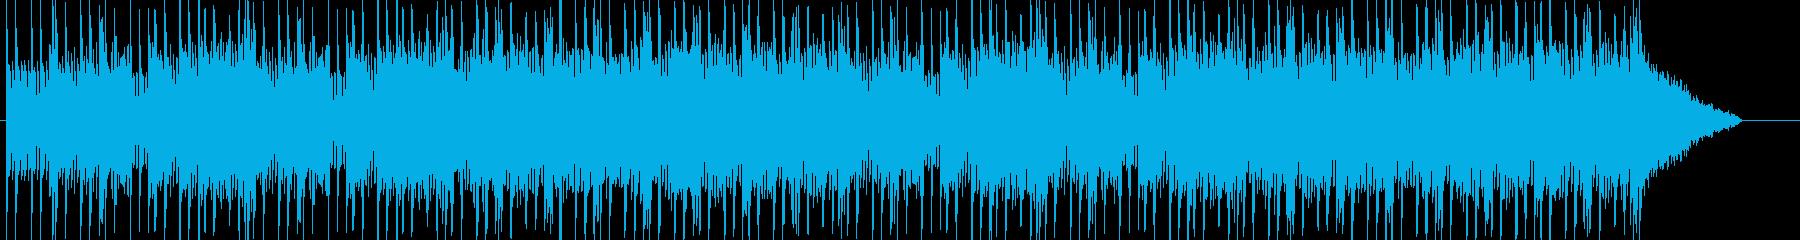 何かが始まる前のようなさわやかなBGMの再生済みの波形